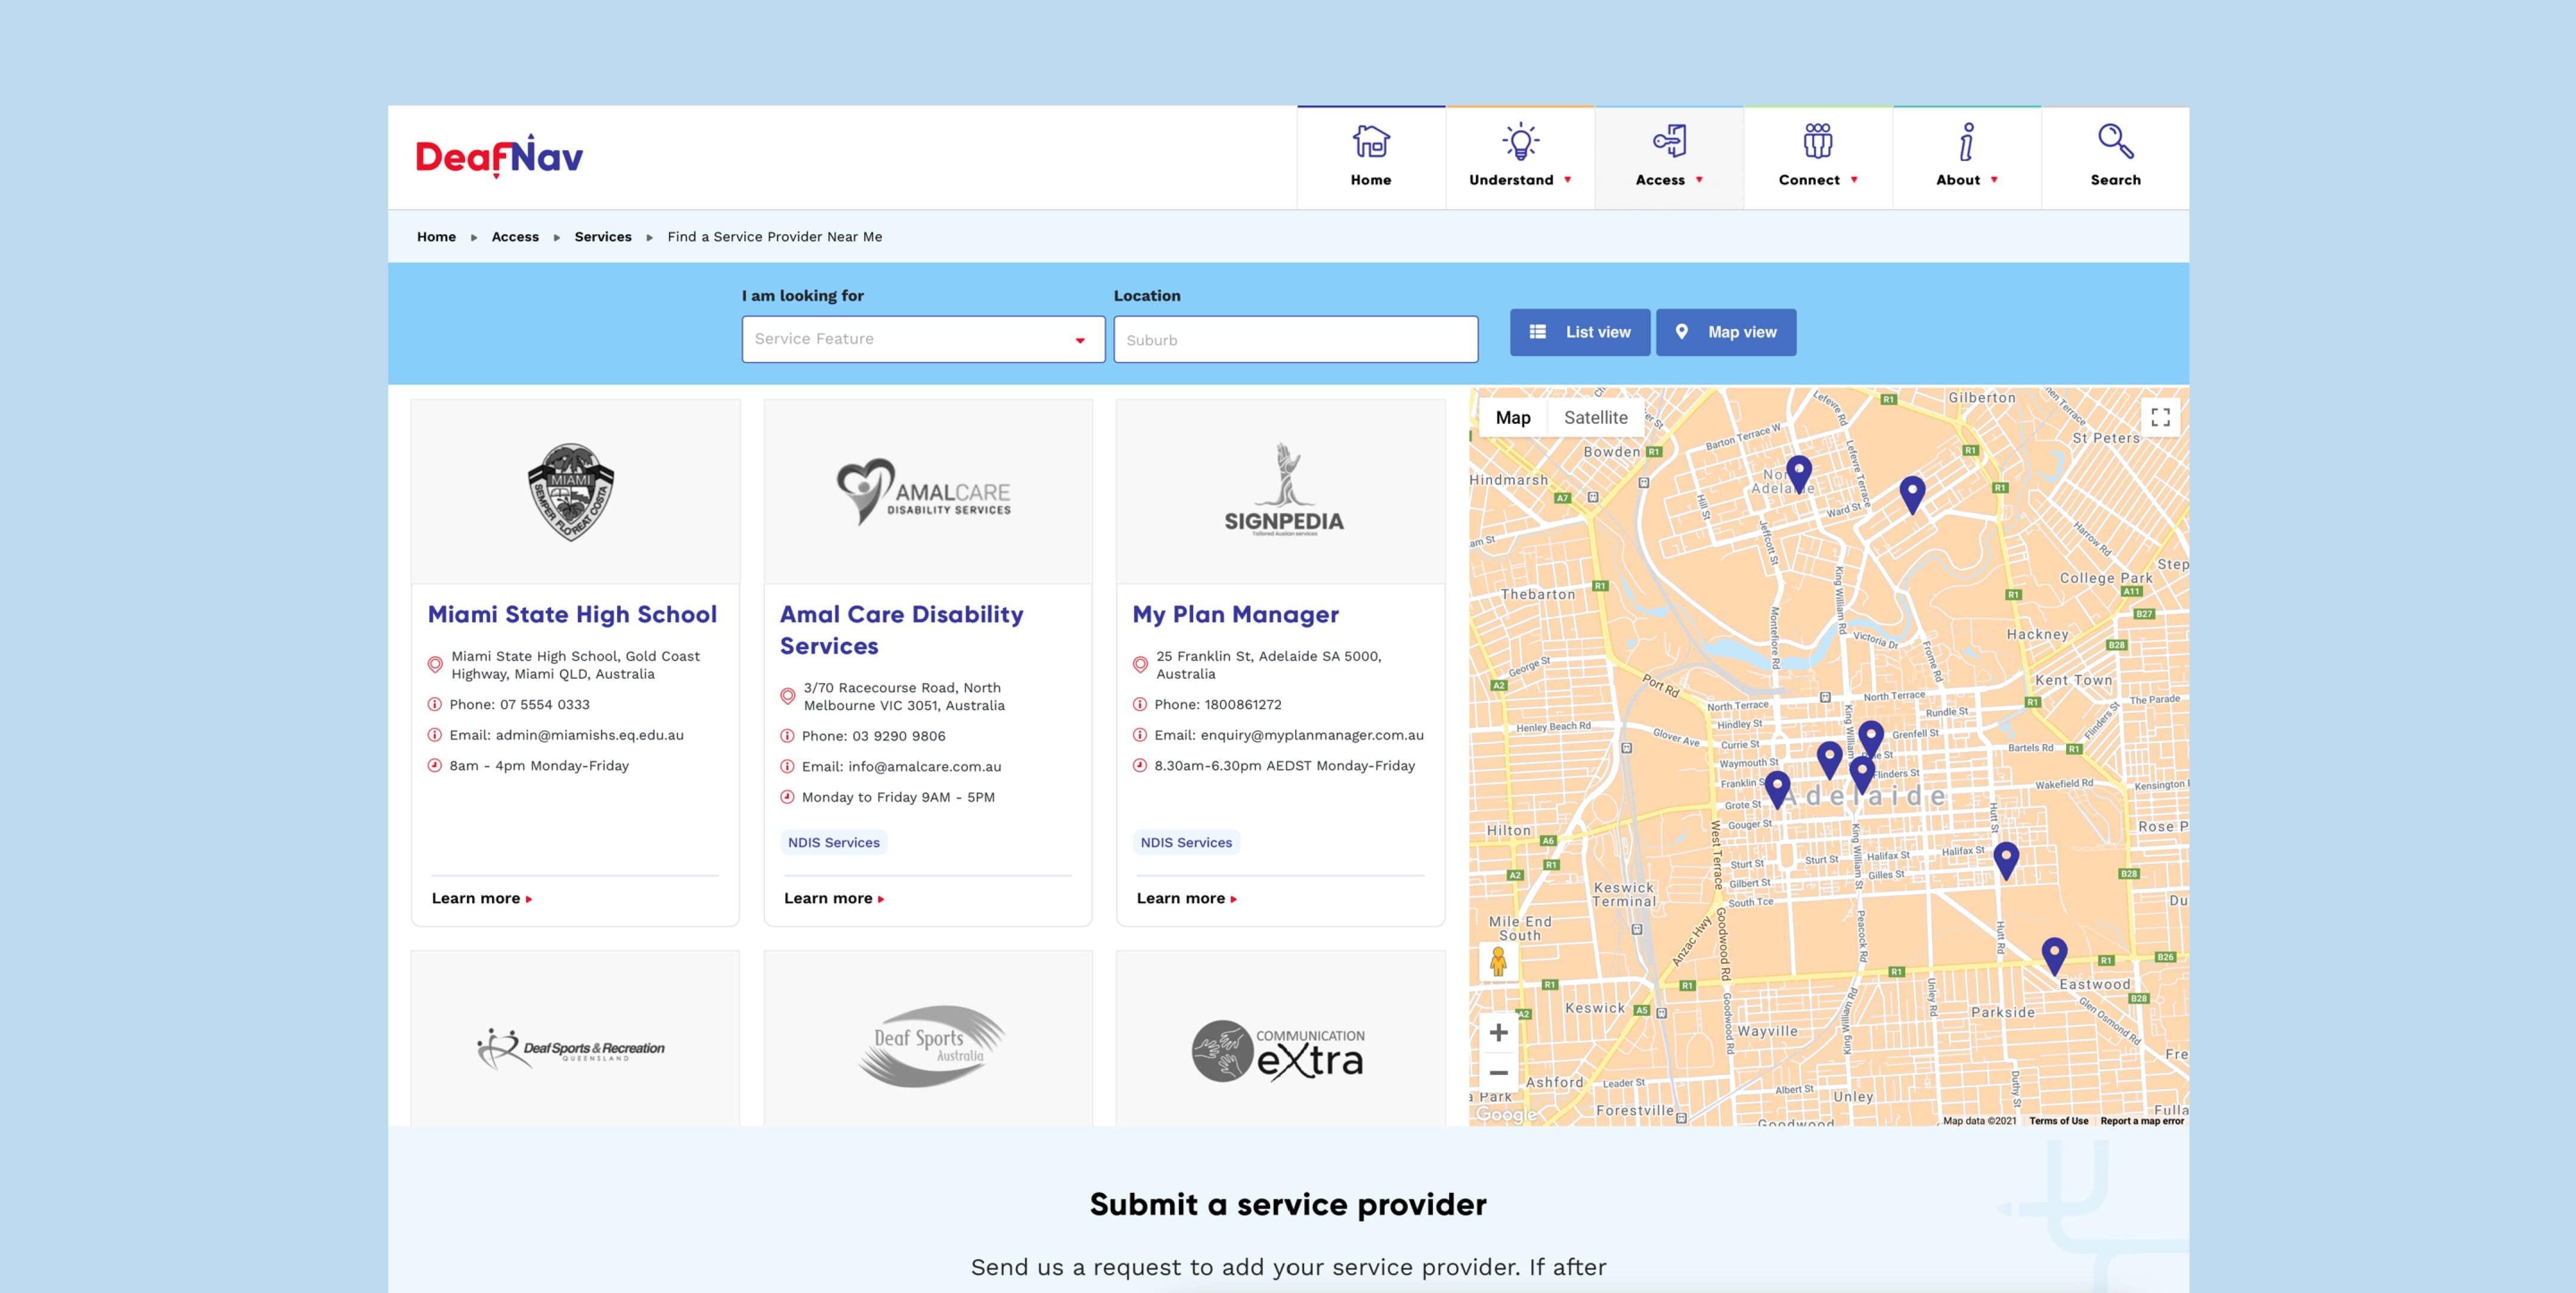 Deafnav service finder page